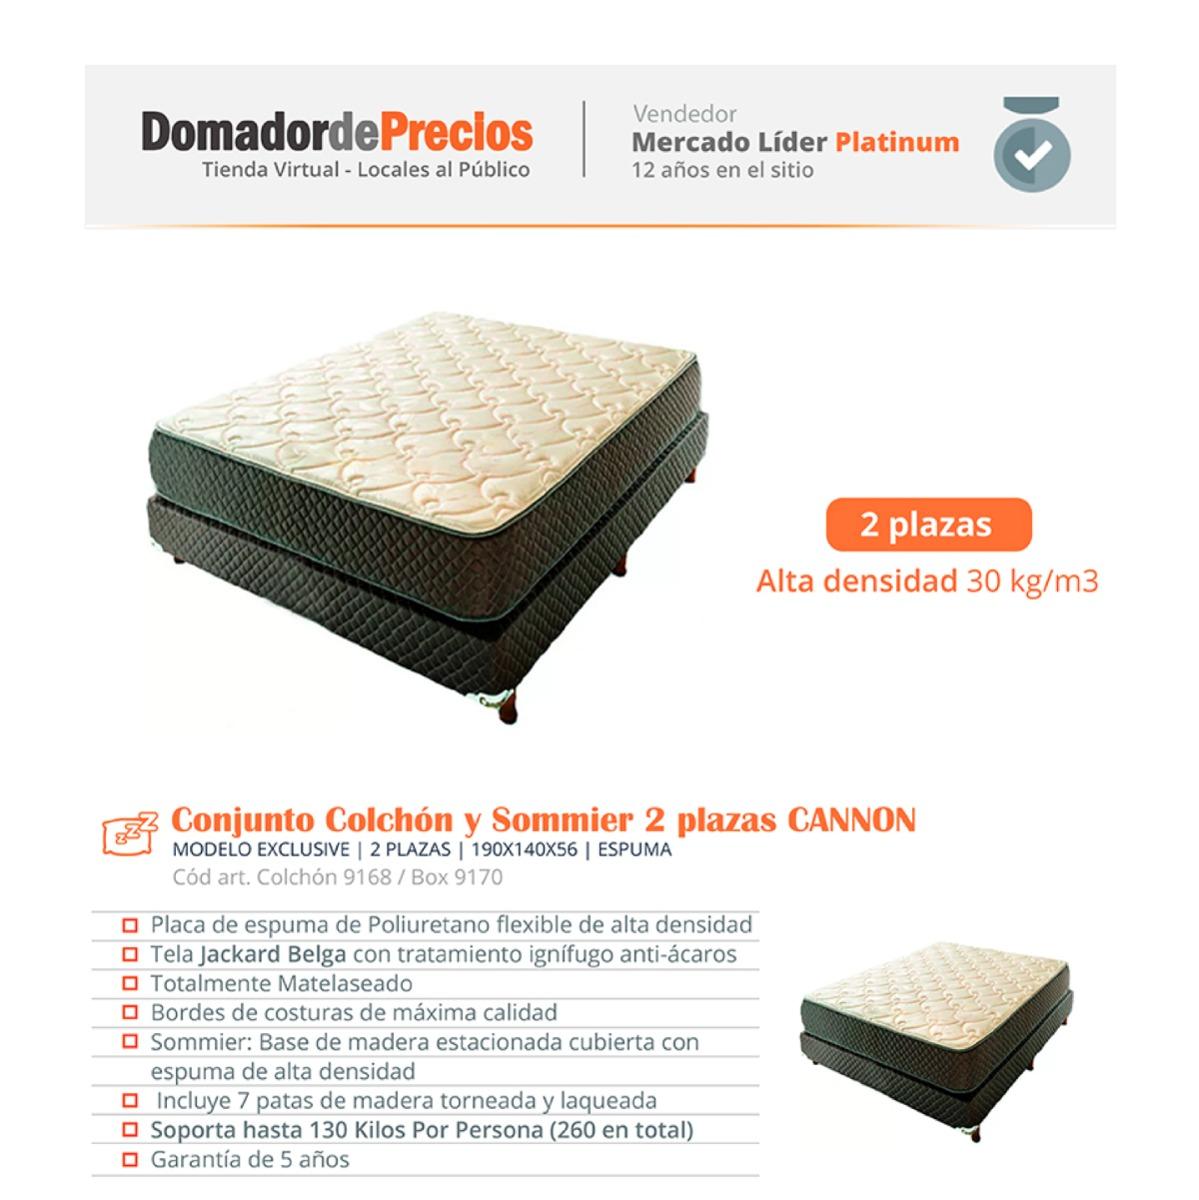 89afaec84e9 Colchon Y Sommier Cannon Exclusive 2 Plazas 30 Kg Alta Dens ...